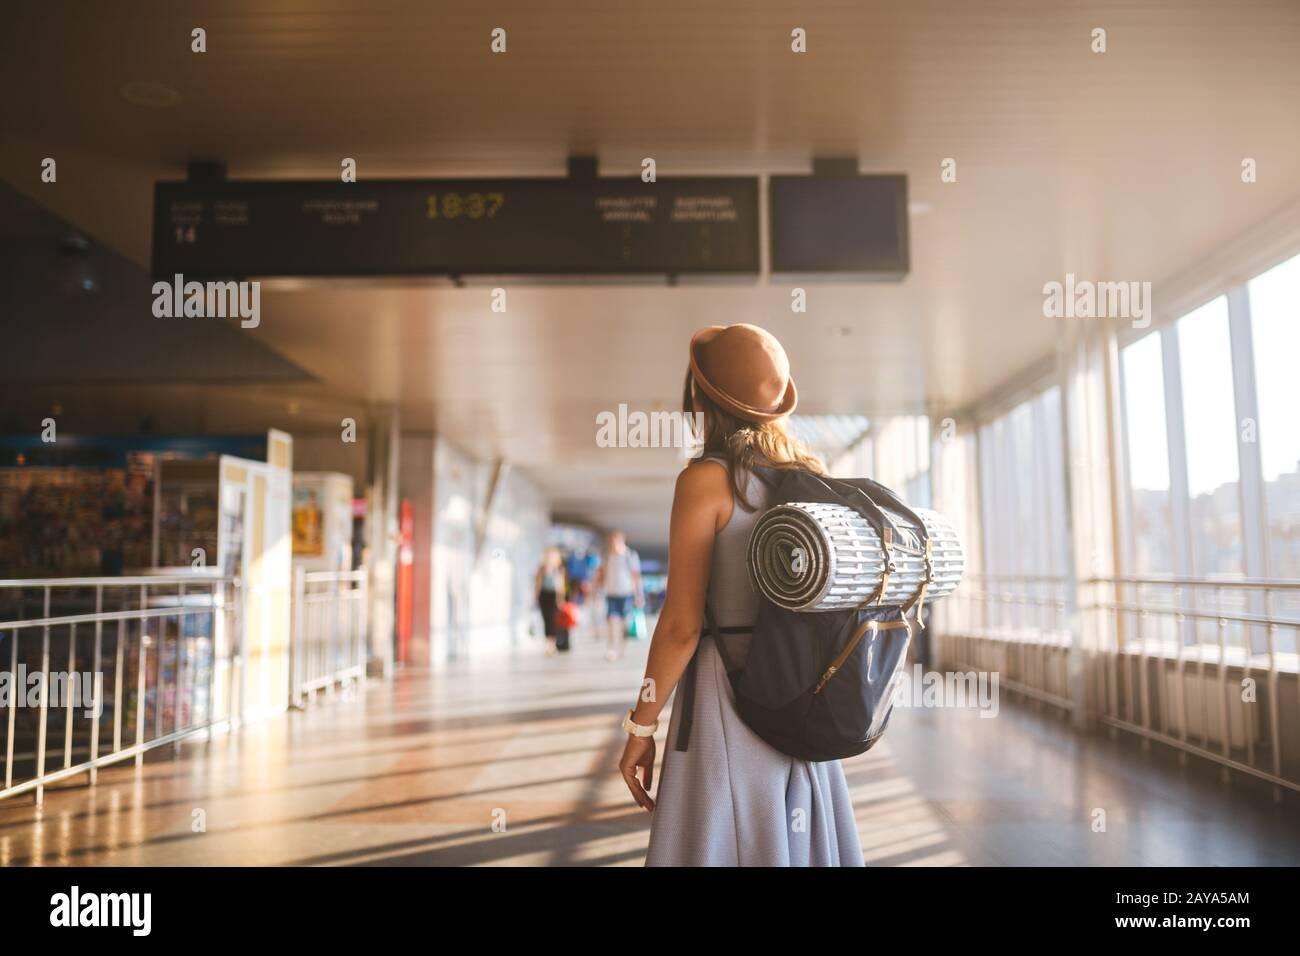 Trasporto pubblico a tema. Giovane donna in piedi con schiena in abito e cappello dietro zaino e attrezzature da campeggio per il sonno Foto Stock